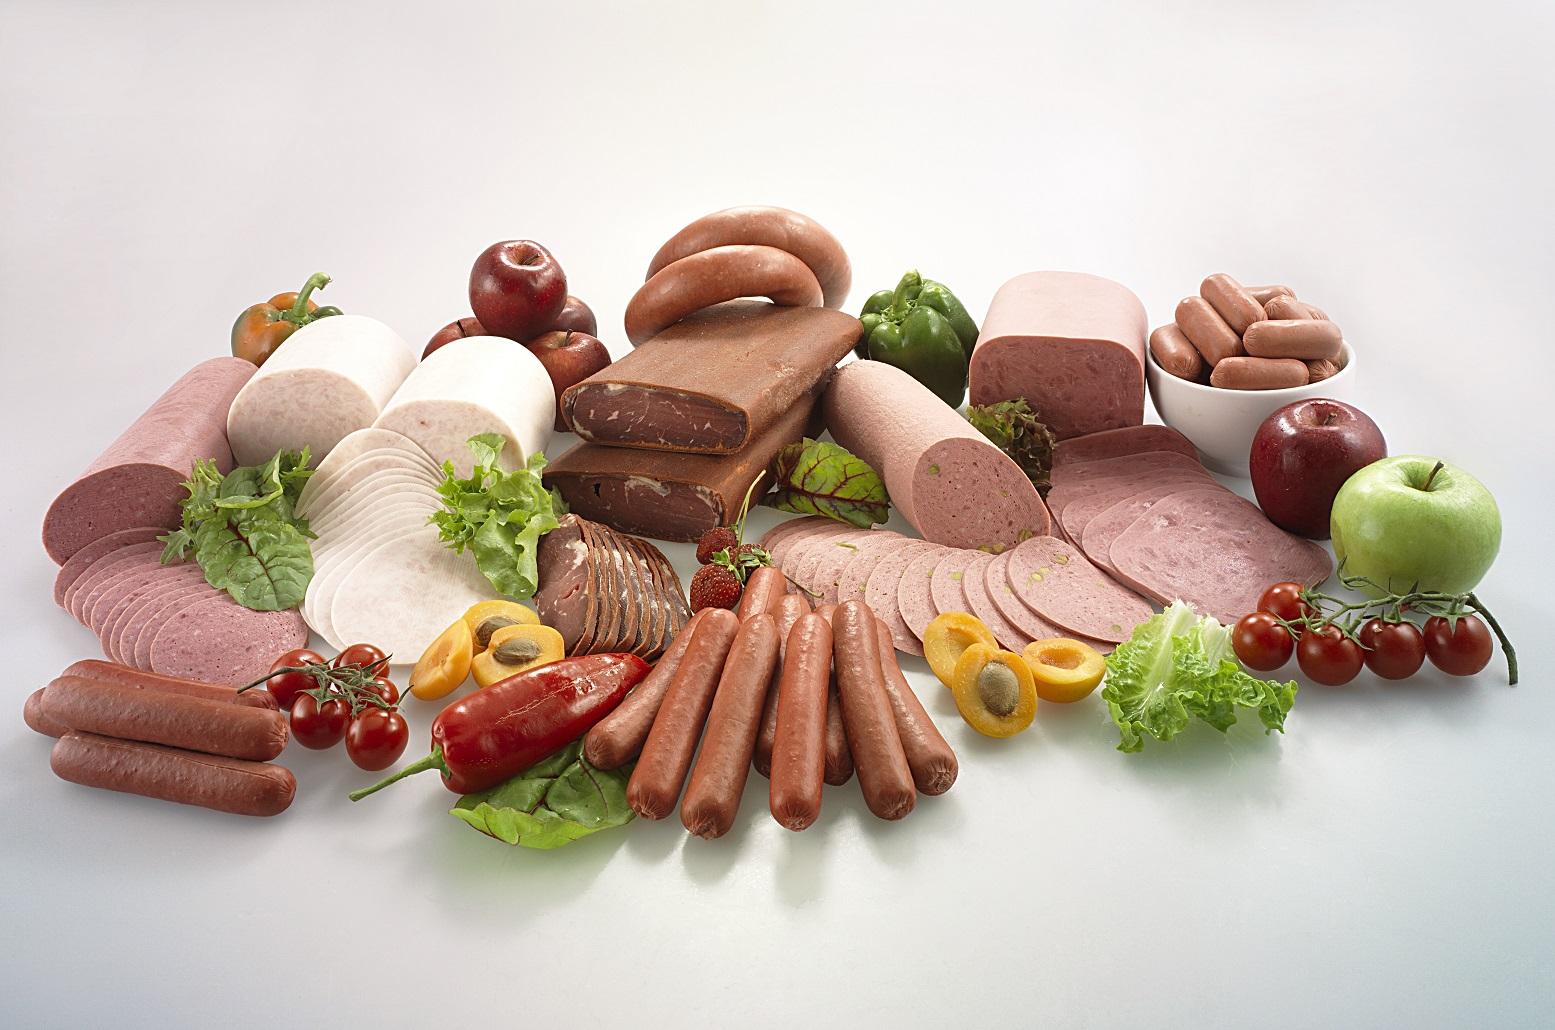 Yılda kişi başına 3,6 kg.  şarküteri ürünü tüketiliyor